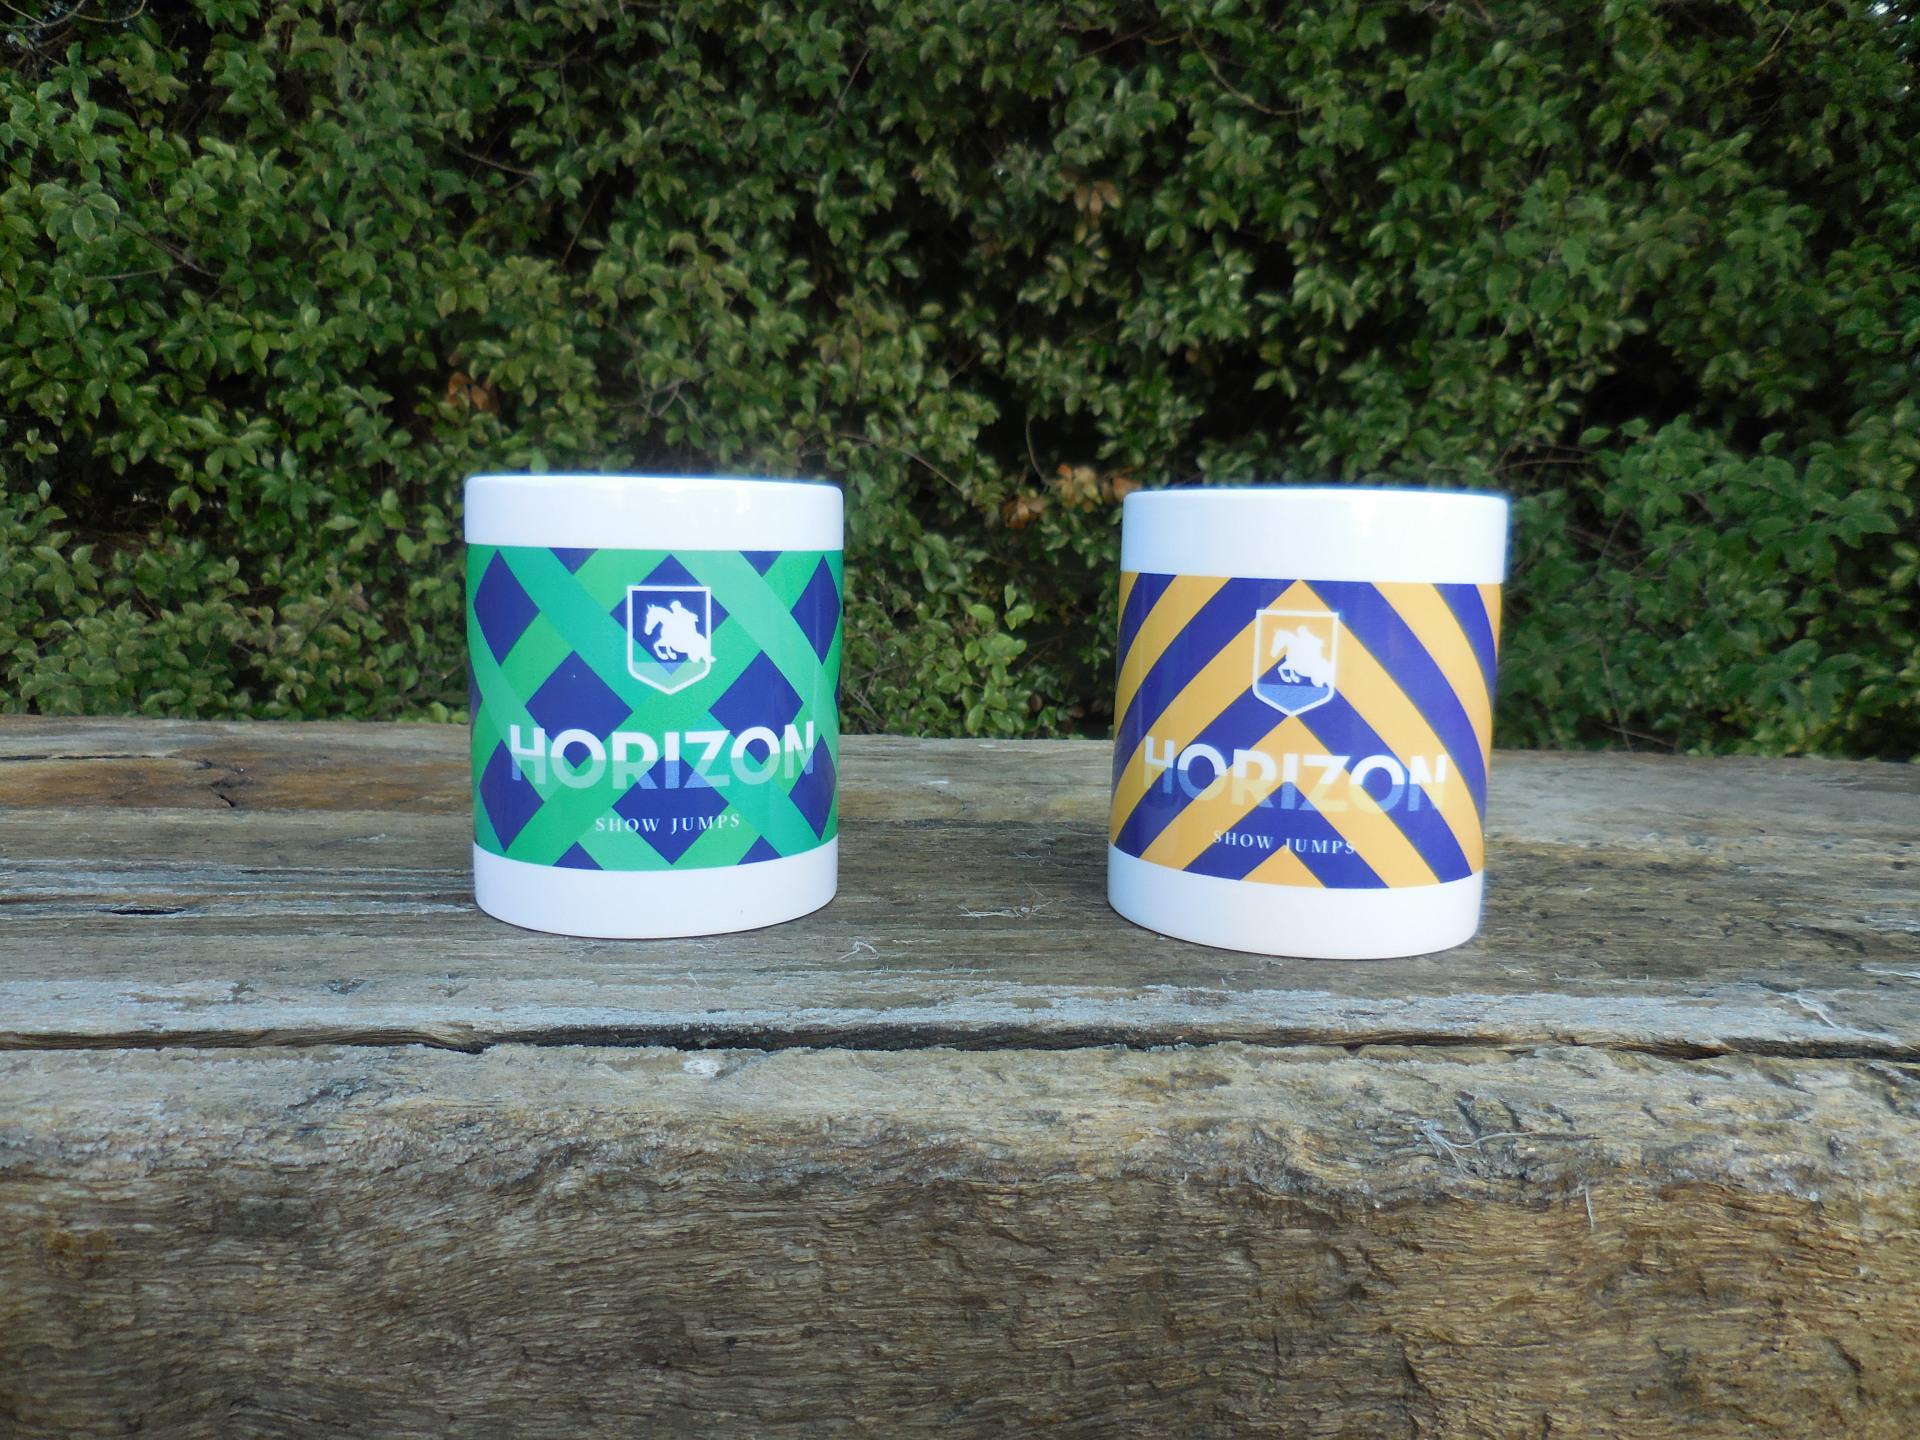 Horizon Show Jump Mugs